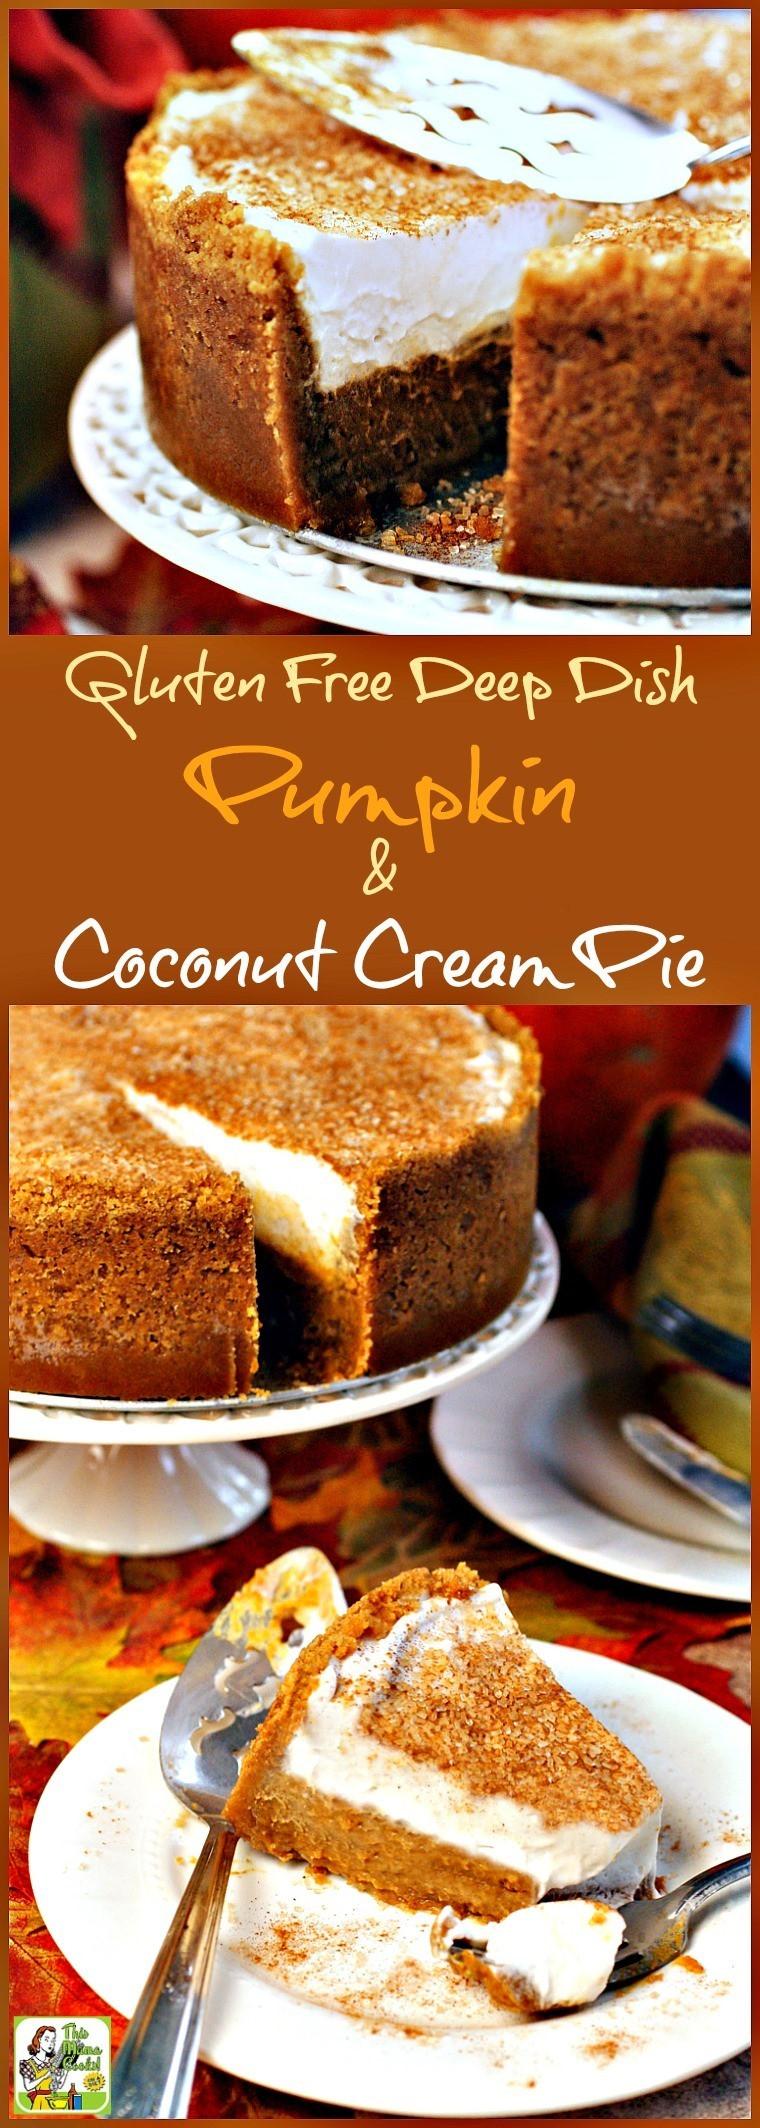 Gluten Free Pumpkin Desserts  Gluten Free Deep Dish Pumpkin & Coconut Cream Pie